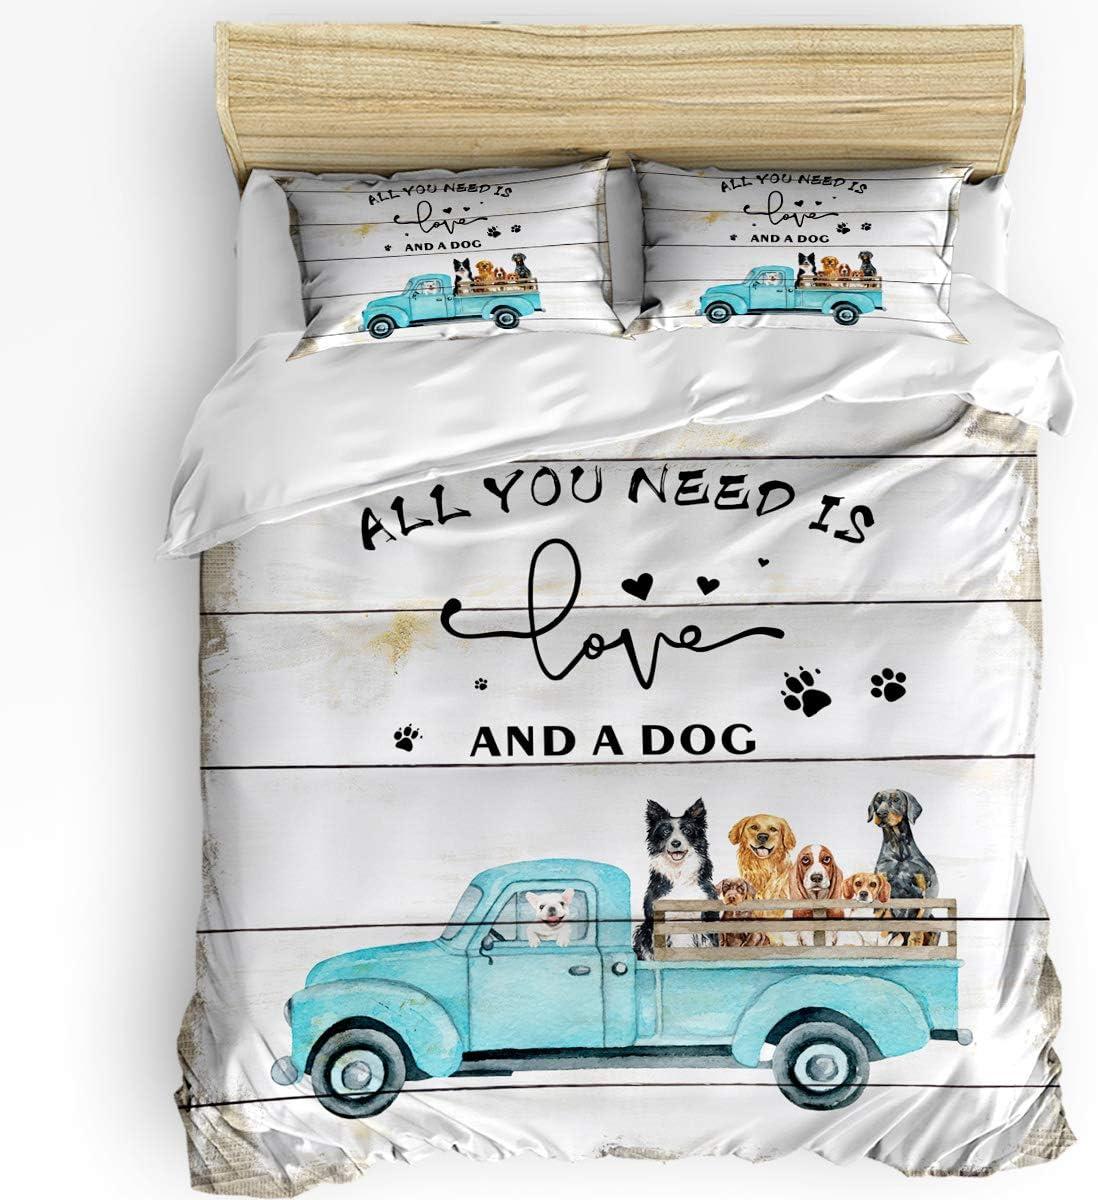 3 Financial sales sale Pieces Import Breathable Bedding Set Farm Pet Loads Dogs Truck Count